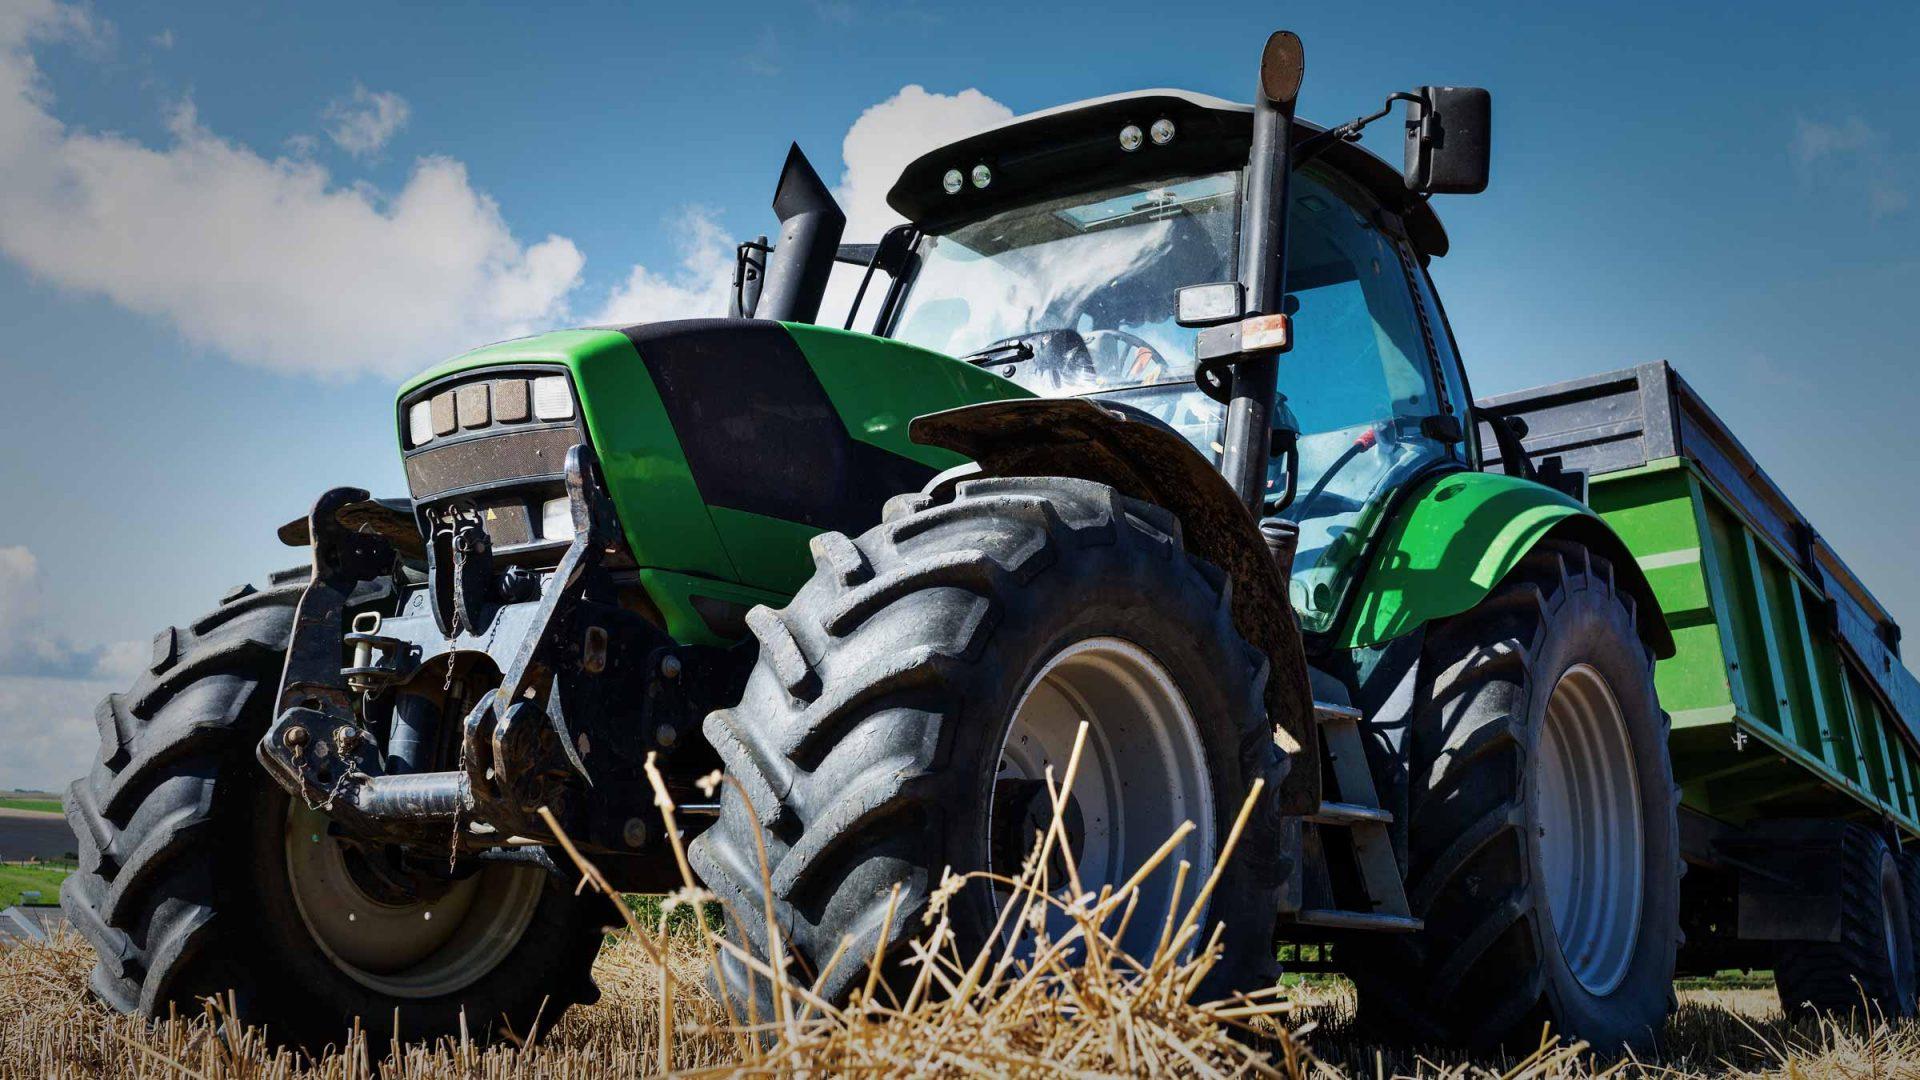 農機具メーカーさん必見! 高所得稲作農家はこんな農機を使っている